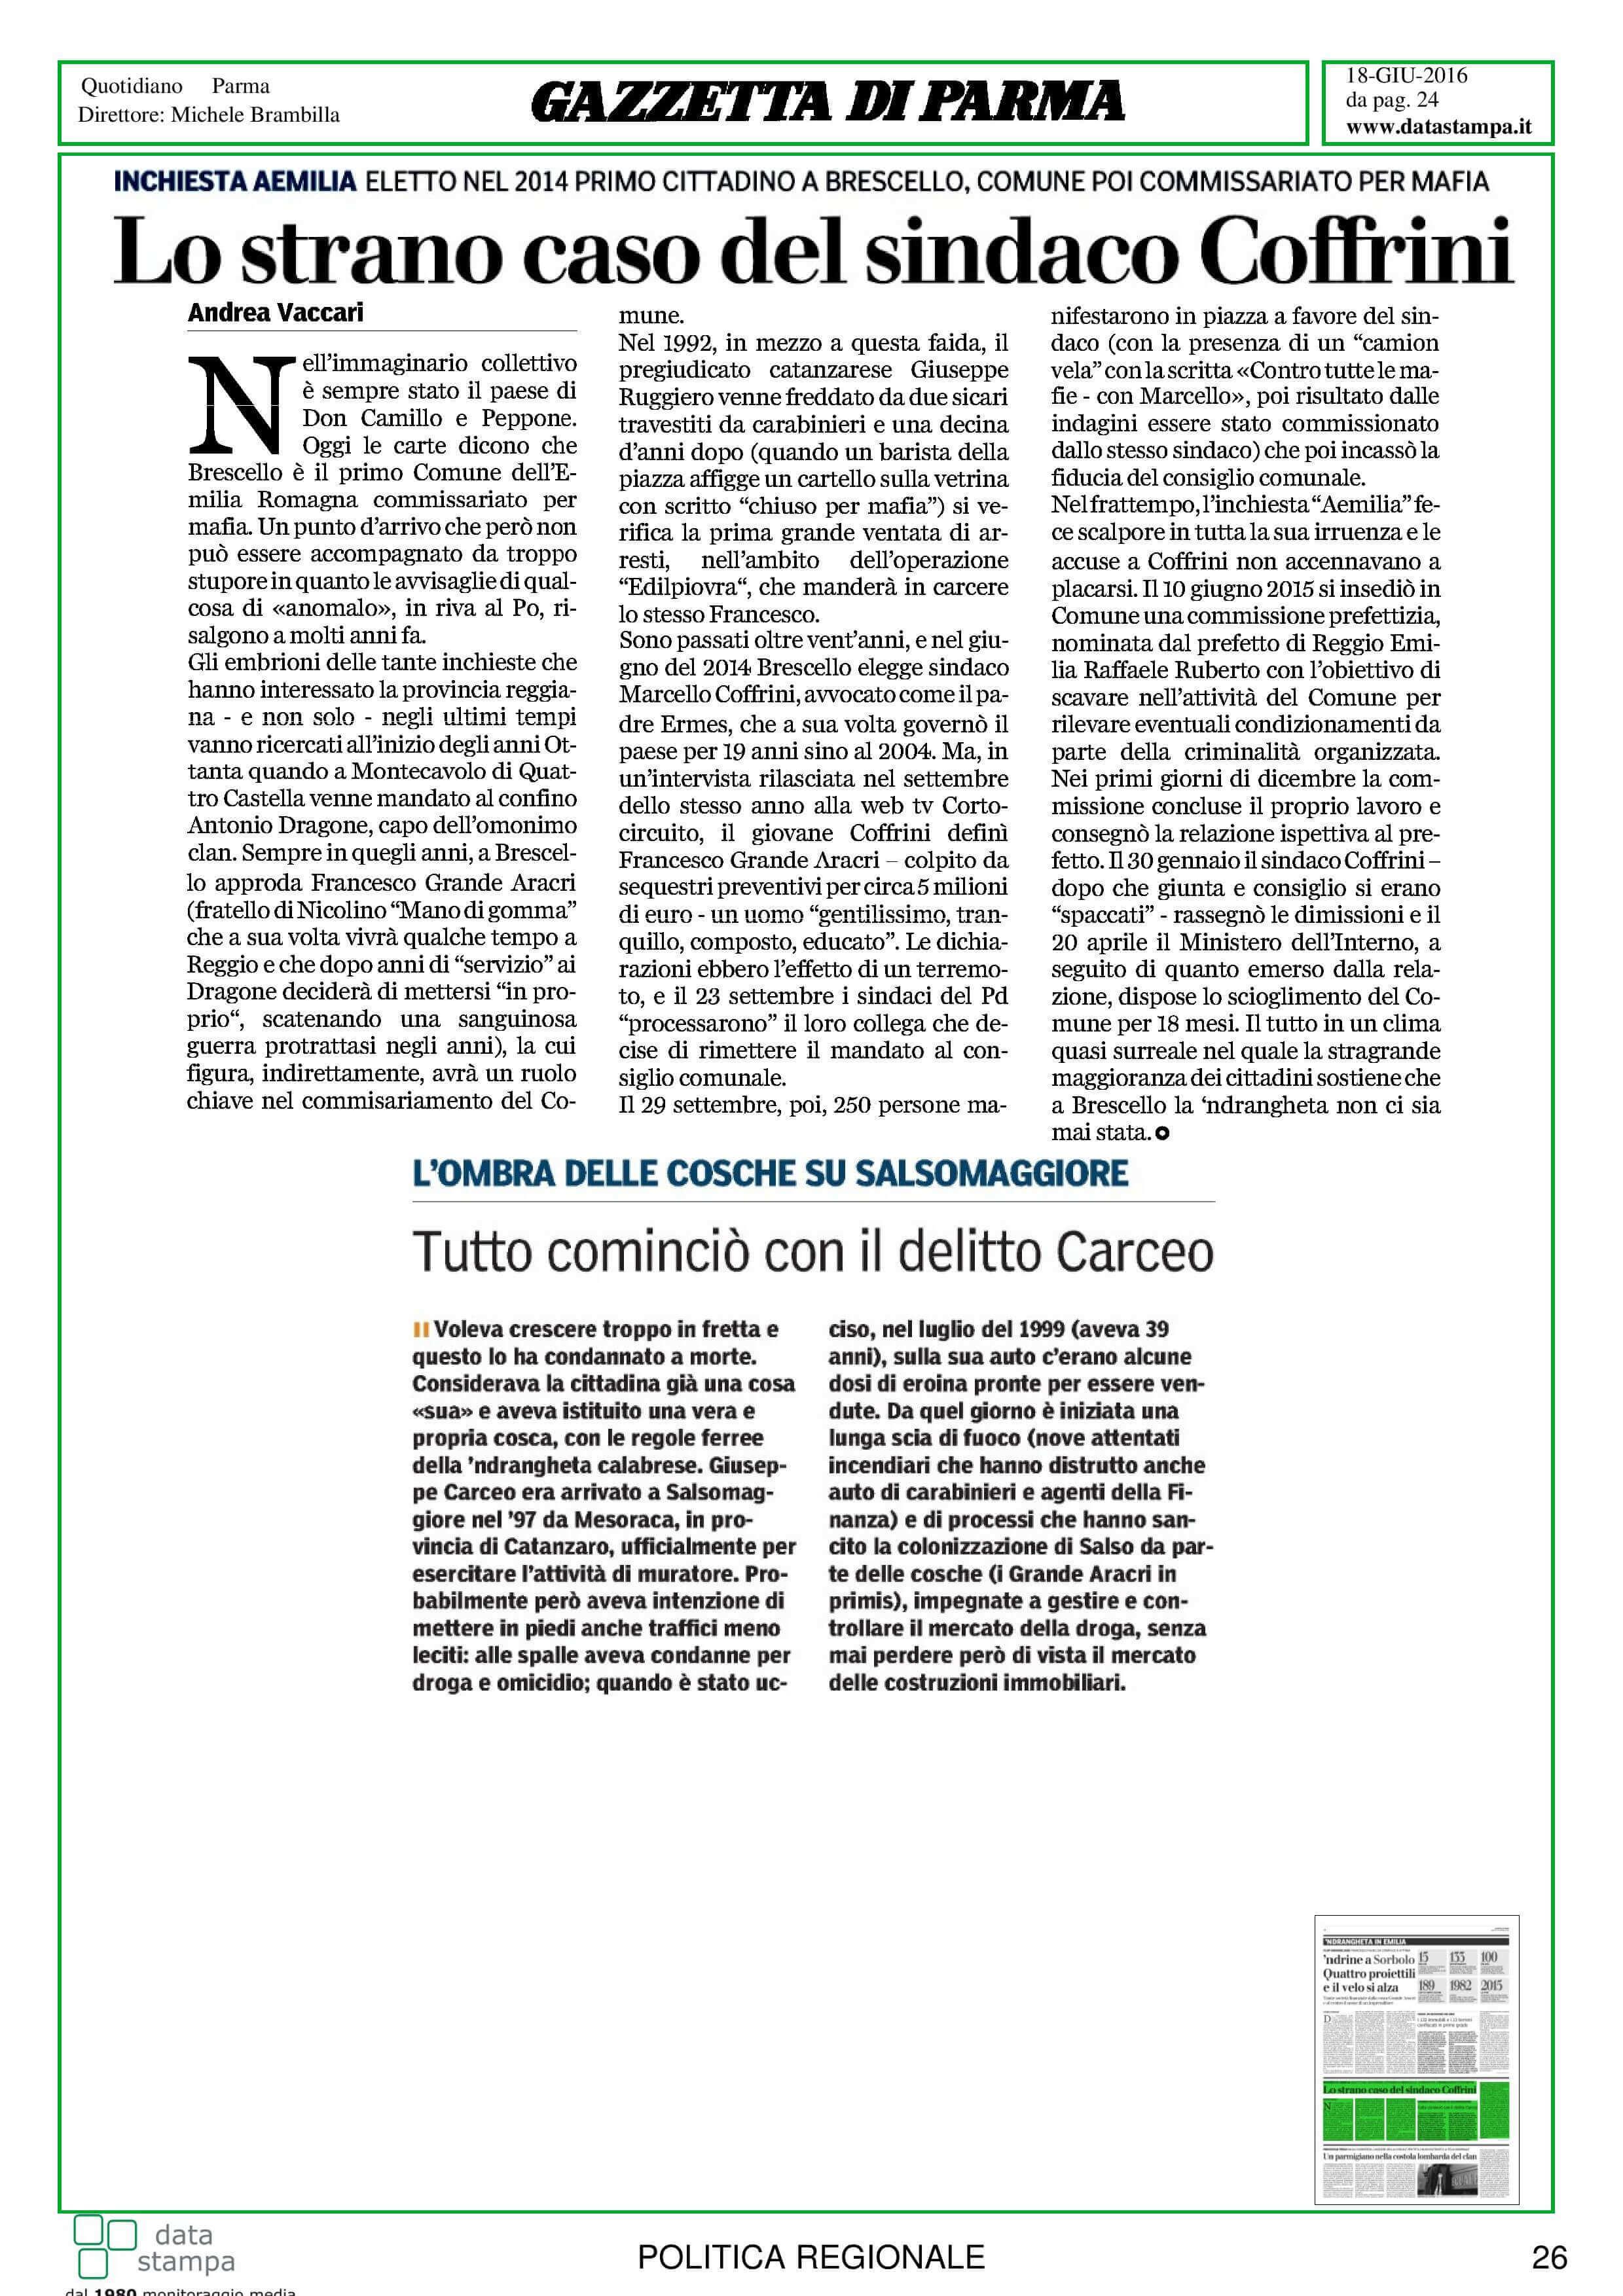 monitor-legalita-17-23-giugno-2016-page-027